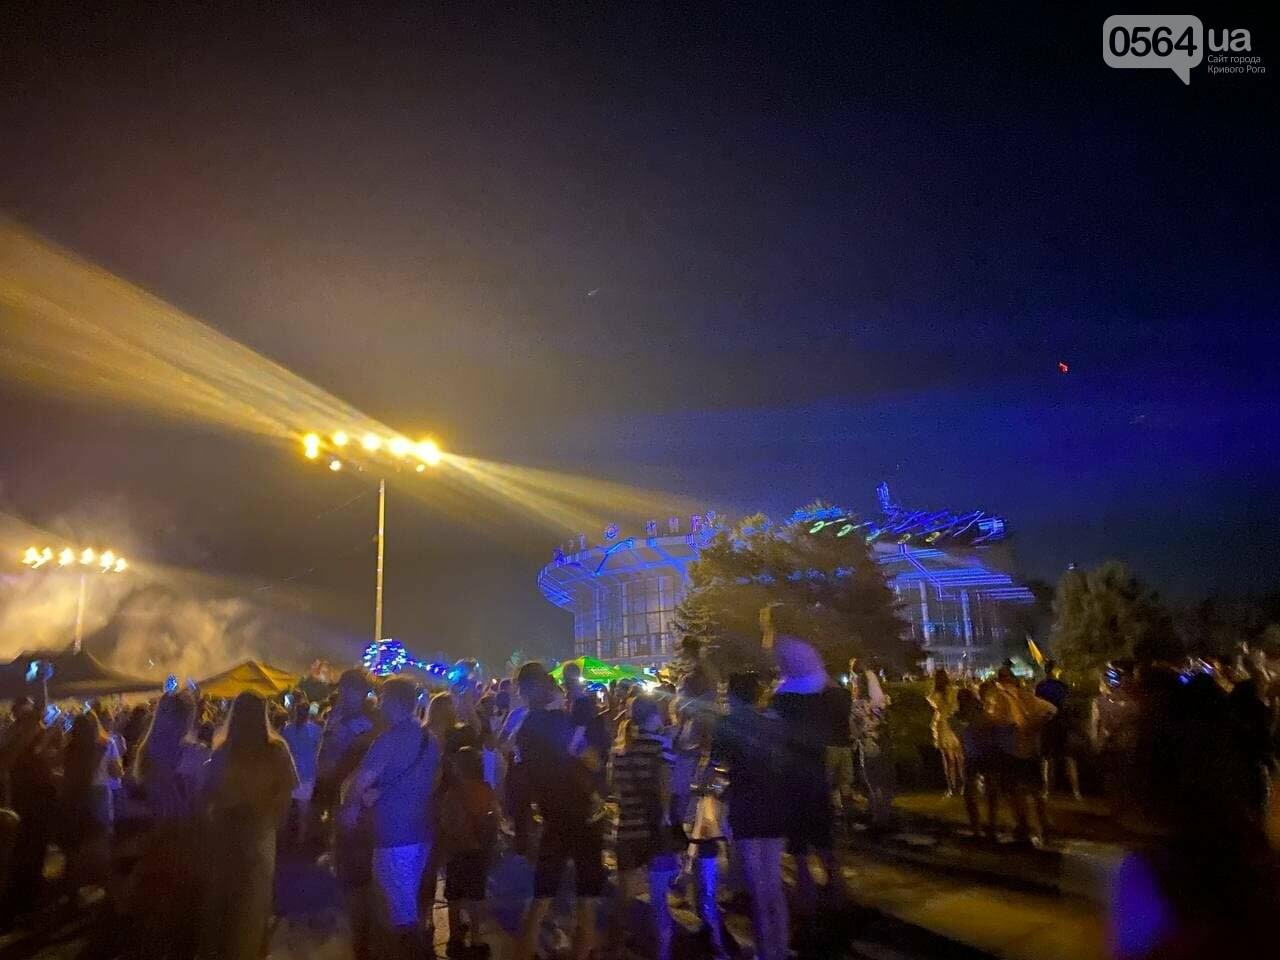 В Кривом Роге в День горняка и металлурга организовали лазерное шоу дронов, - ФОТО, ВИДЕО , фото-1